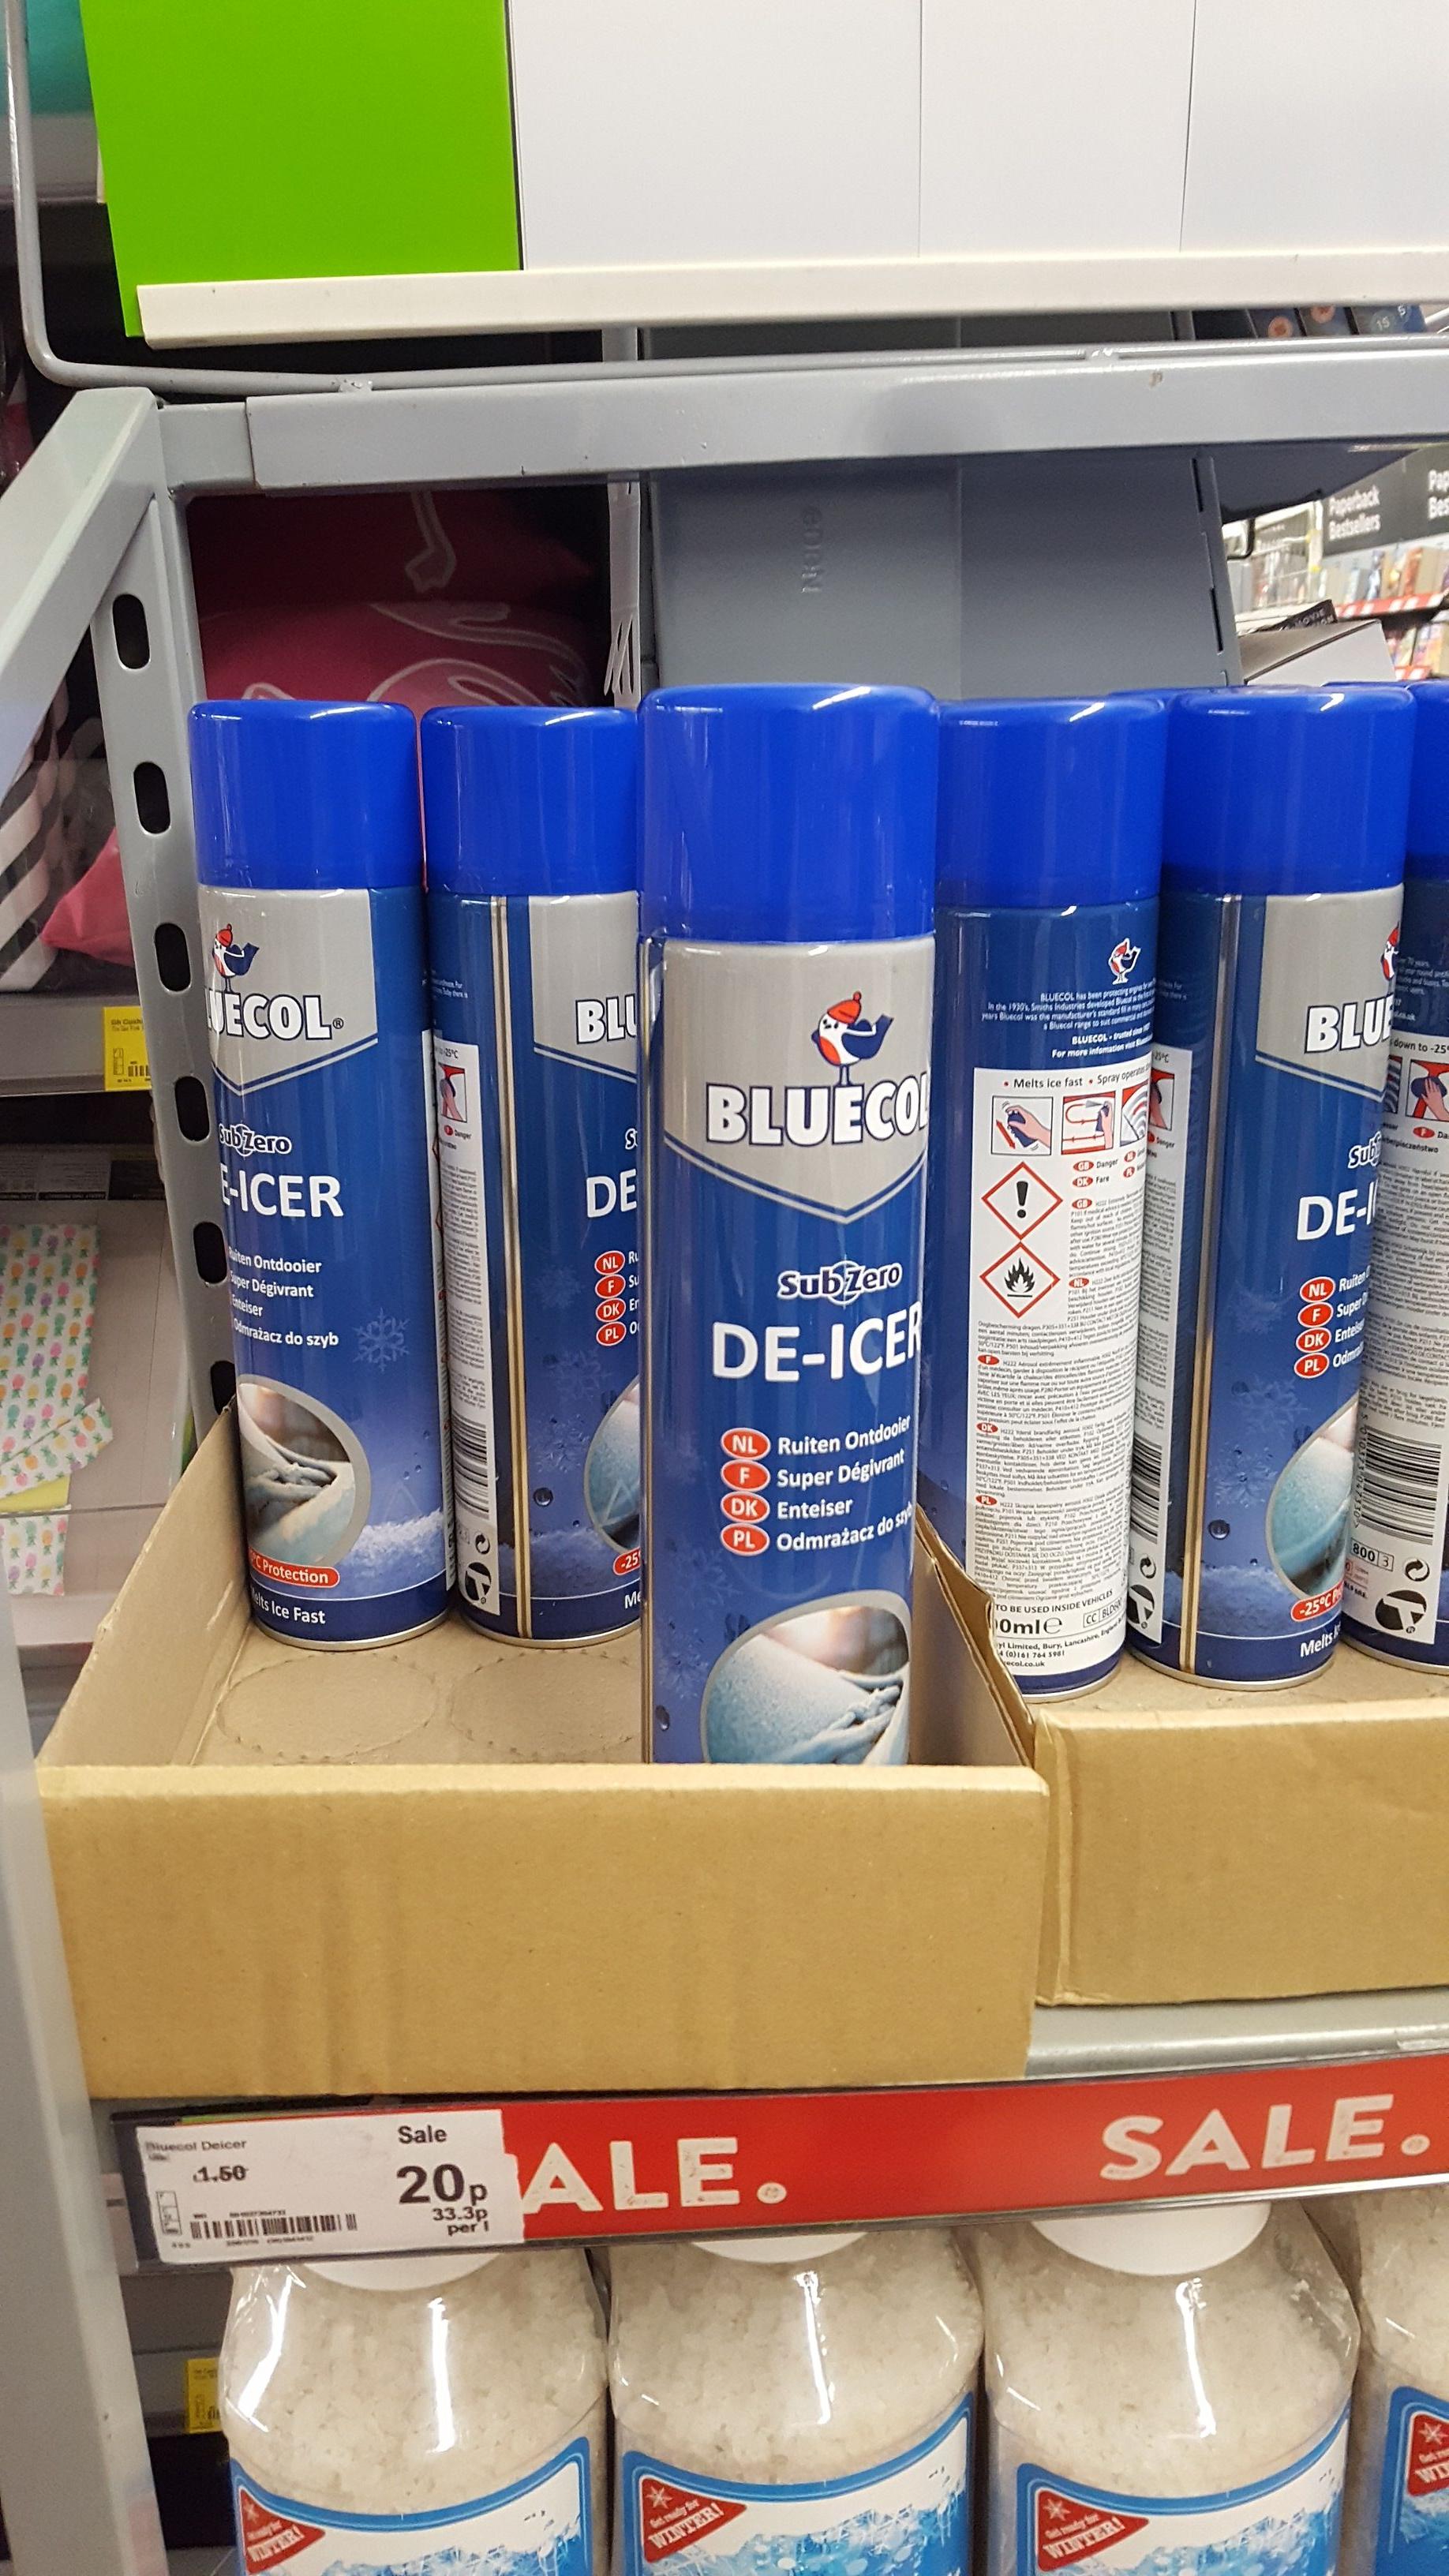 Bluecol De-Icer 600ml for 20p @Asda Instore (Weymouth)